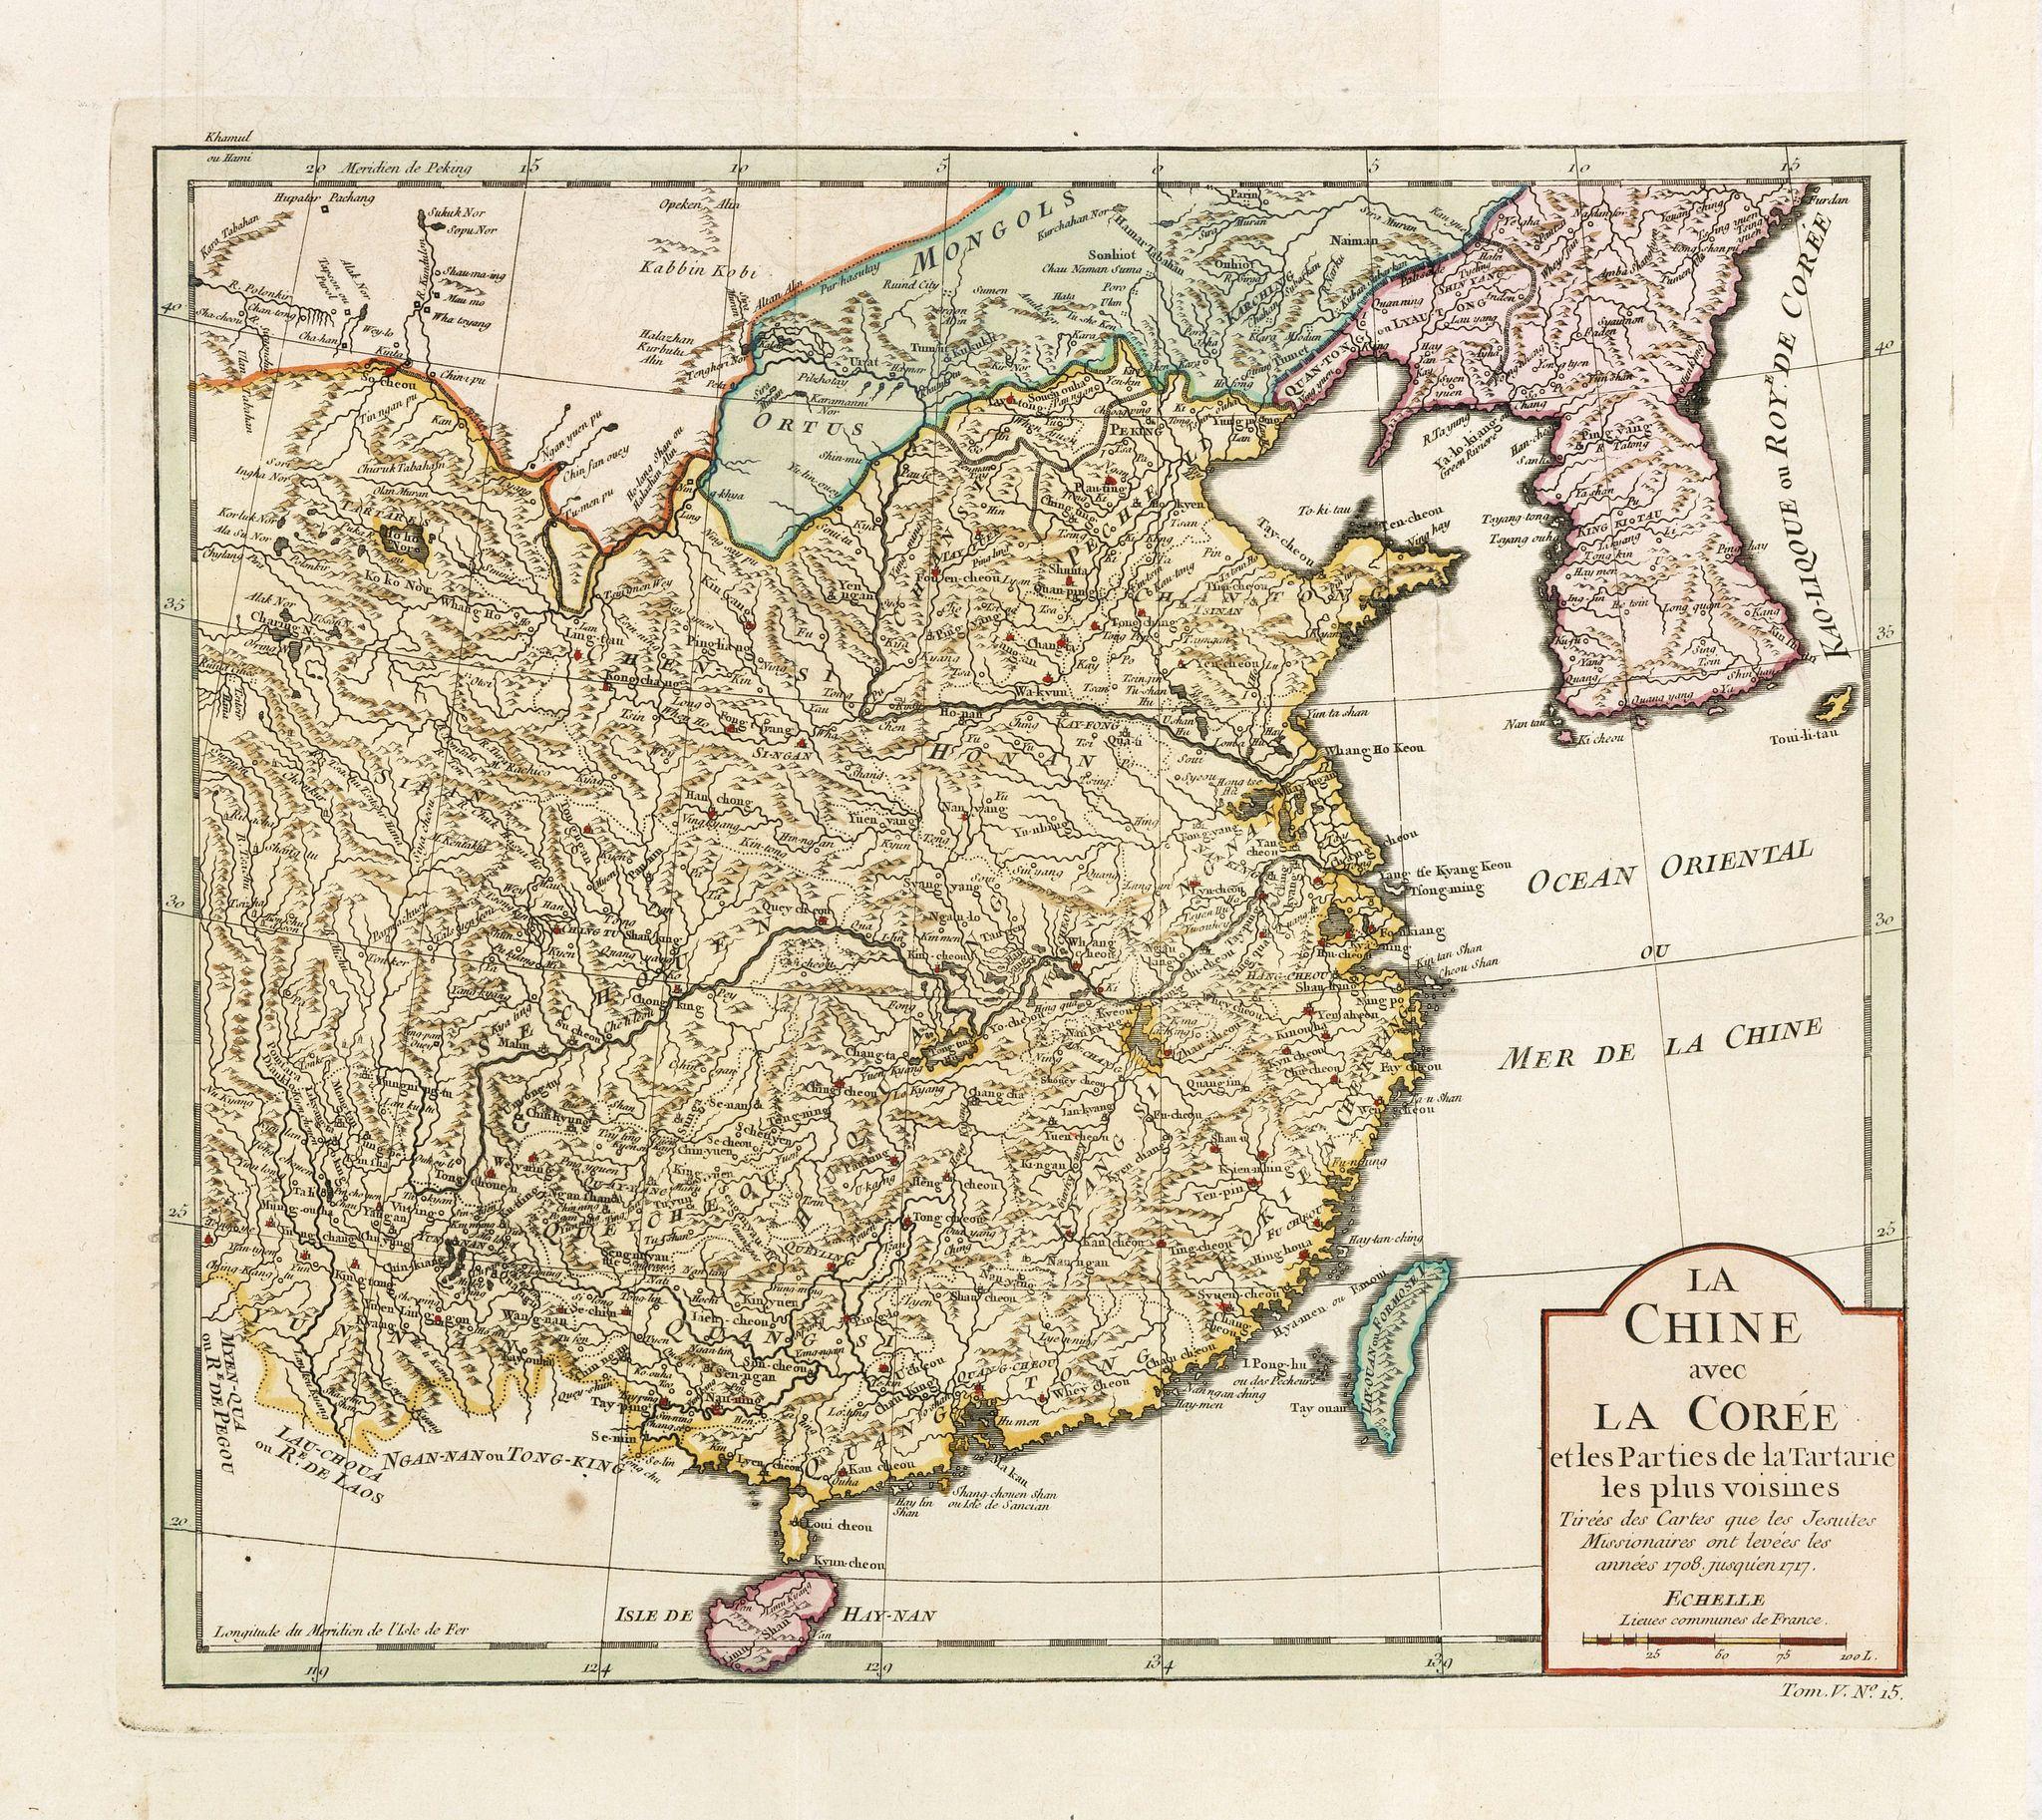 BELLIN, J.N. -  La Chine avec La Corée et les parties de la Tartarie les plus voisines..